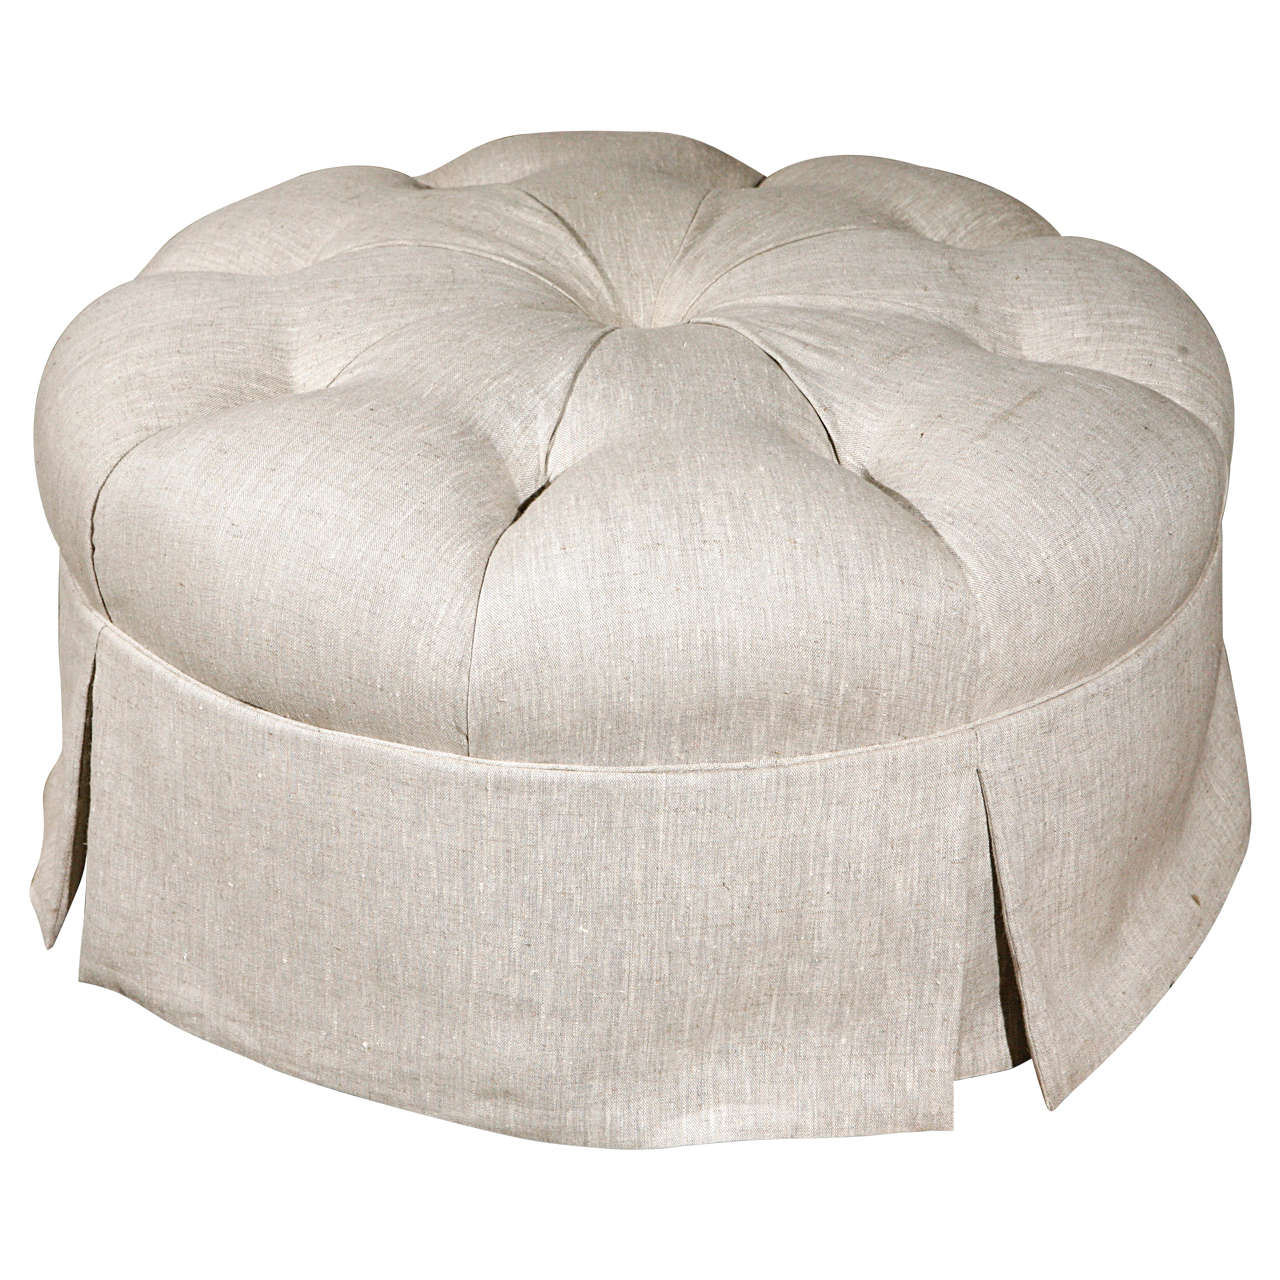 Round Tufted Linen Ottoman At 1stdibs